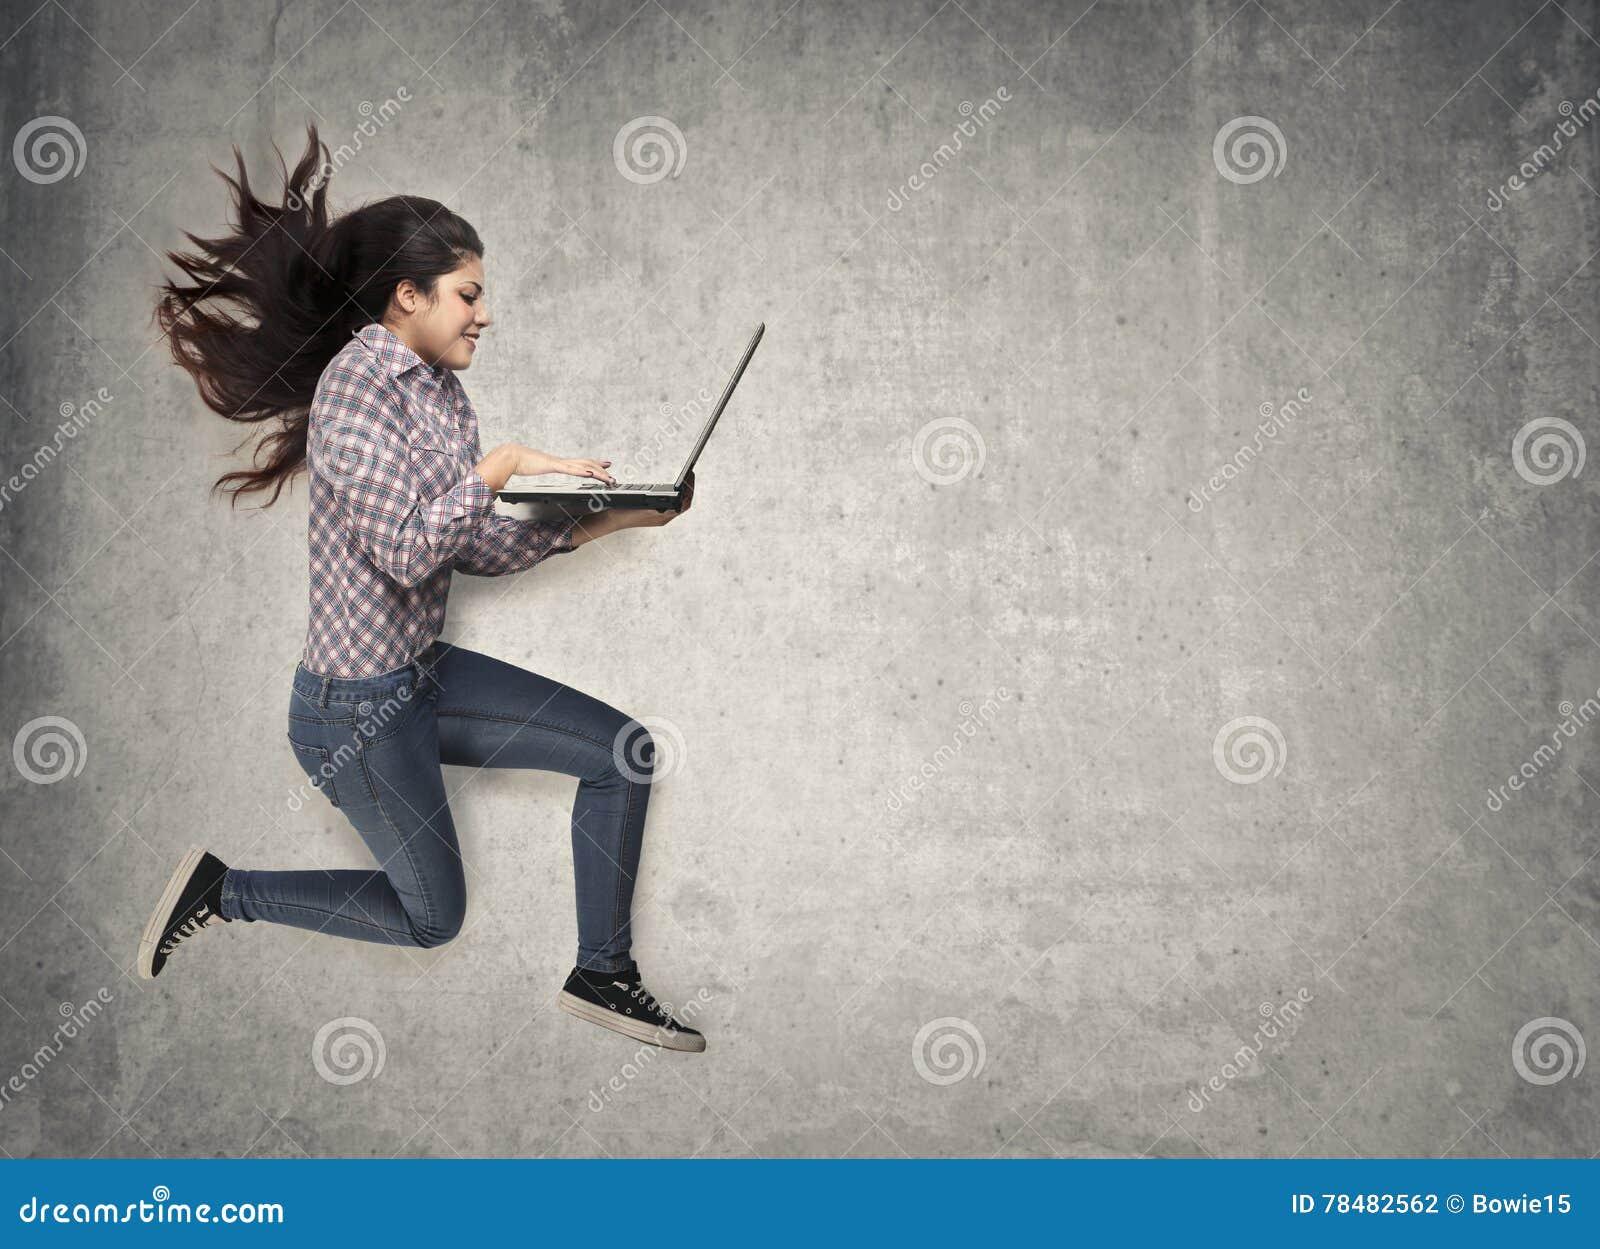 Het springen met laptop